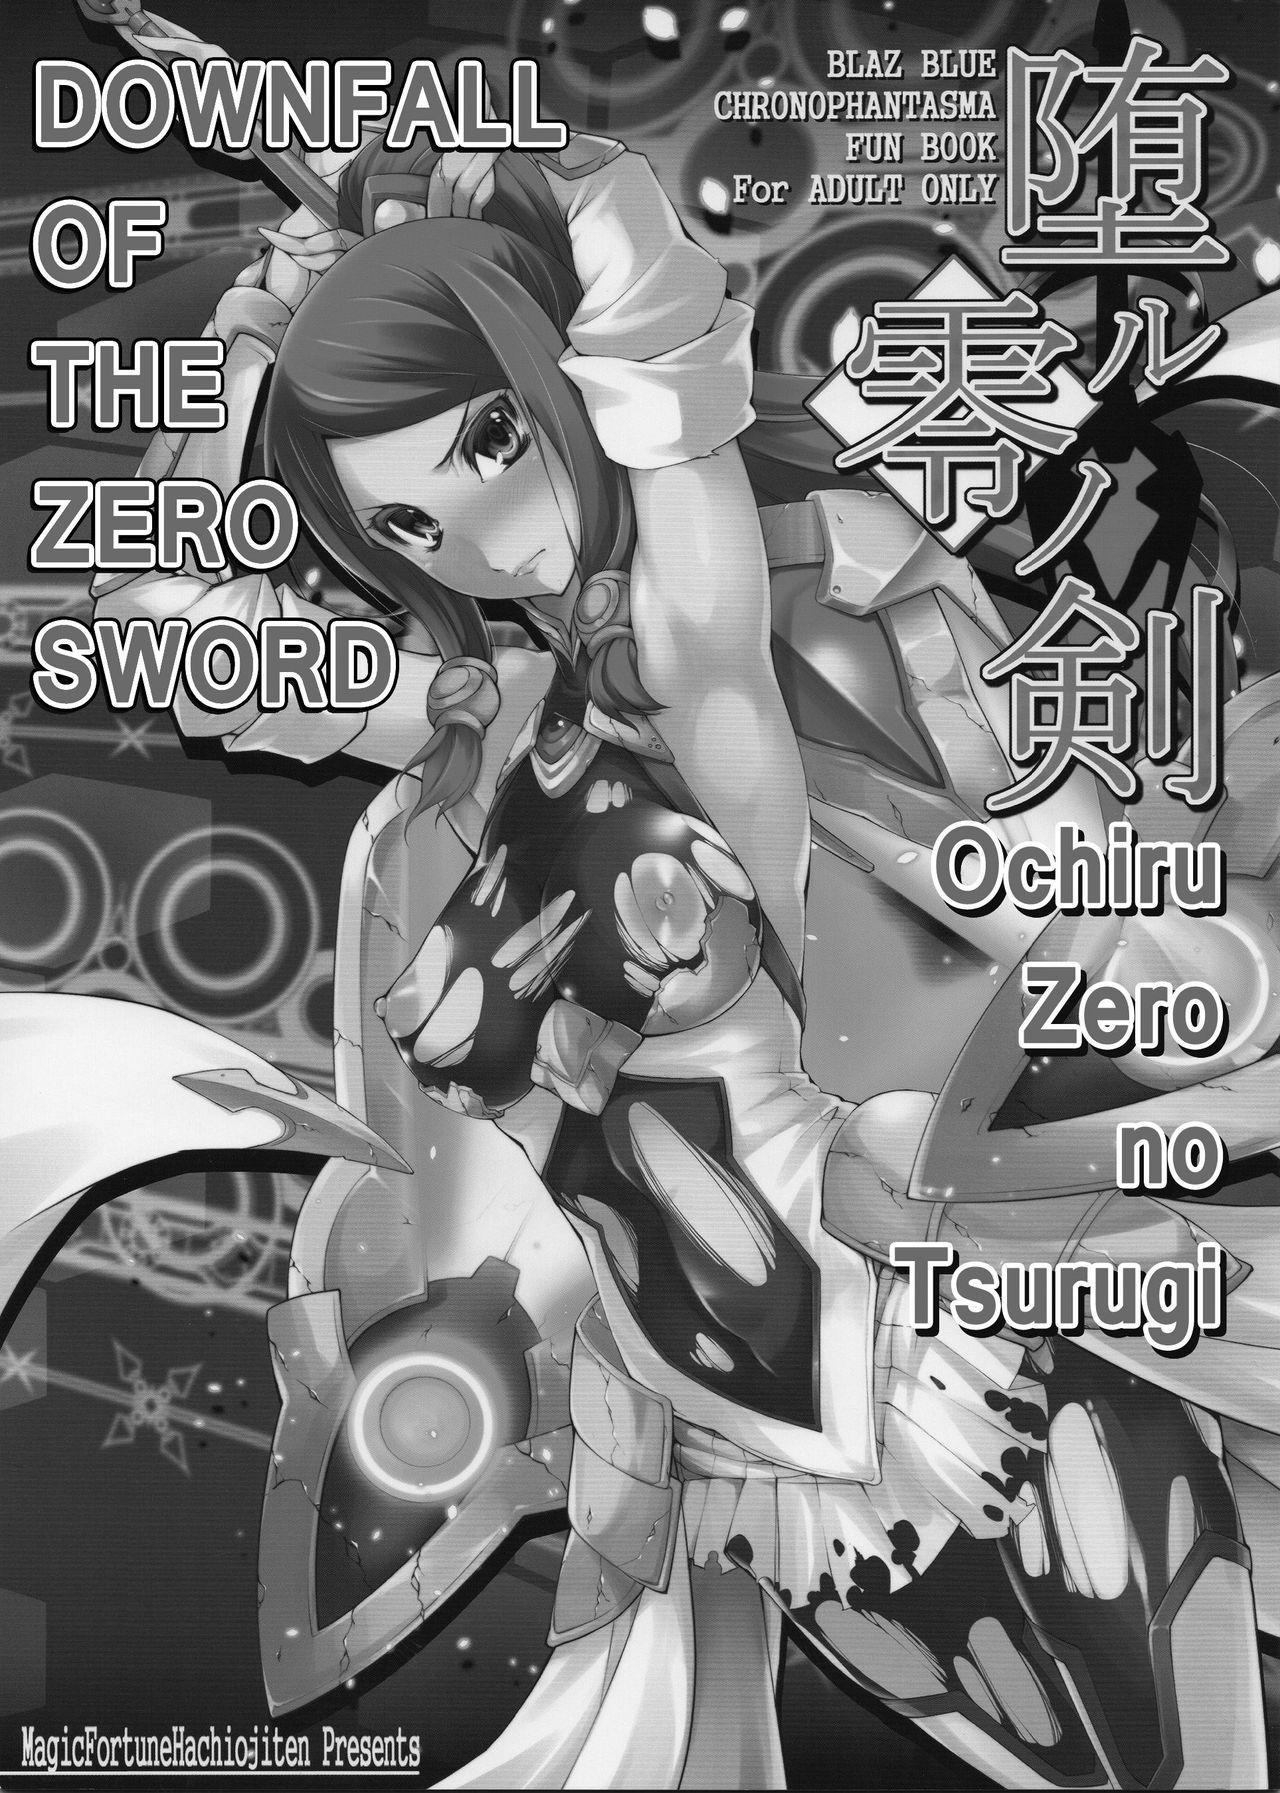 Ochiru Zero no Tsurugi 2